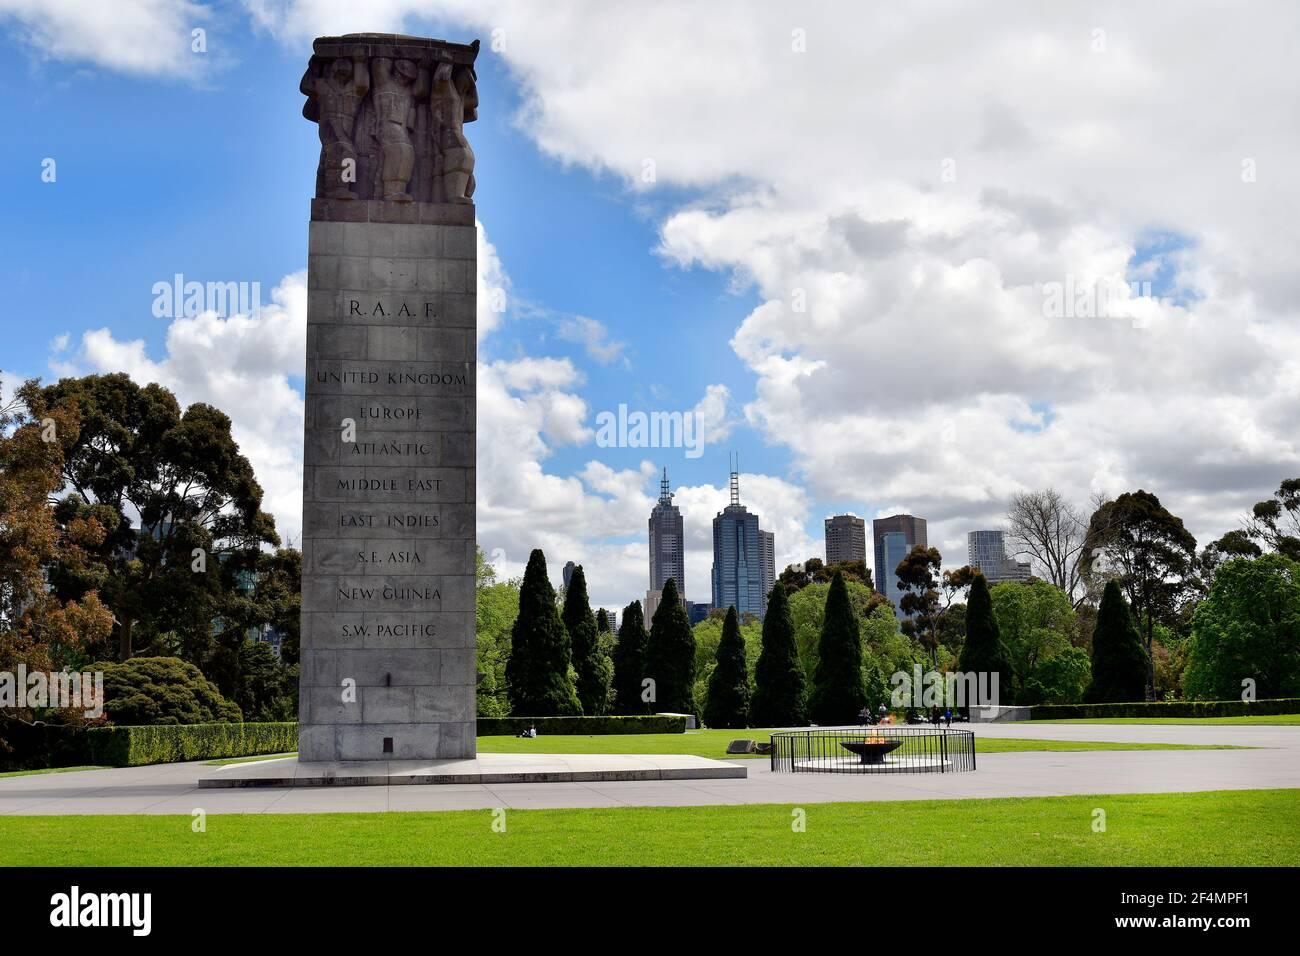 Melbourne, Victoria, Australie - 04 novembre 2017 : la colonne et la flamme éternelle au sanctuaire du souvenir, un monument commémoratif de guerre, un musée et un monument situé dans King Banque D'Images